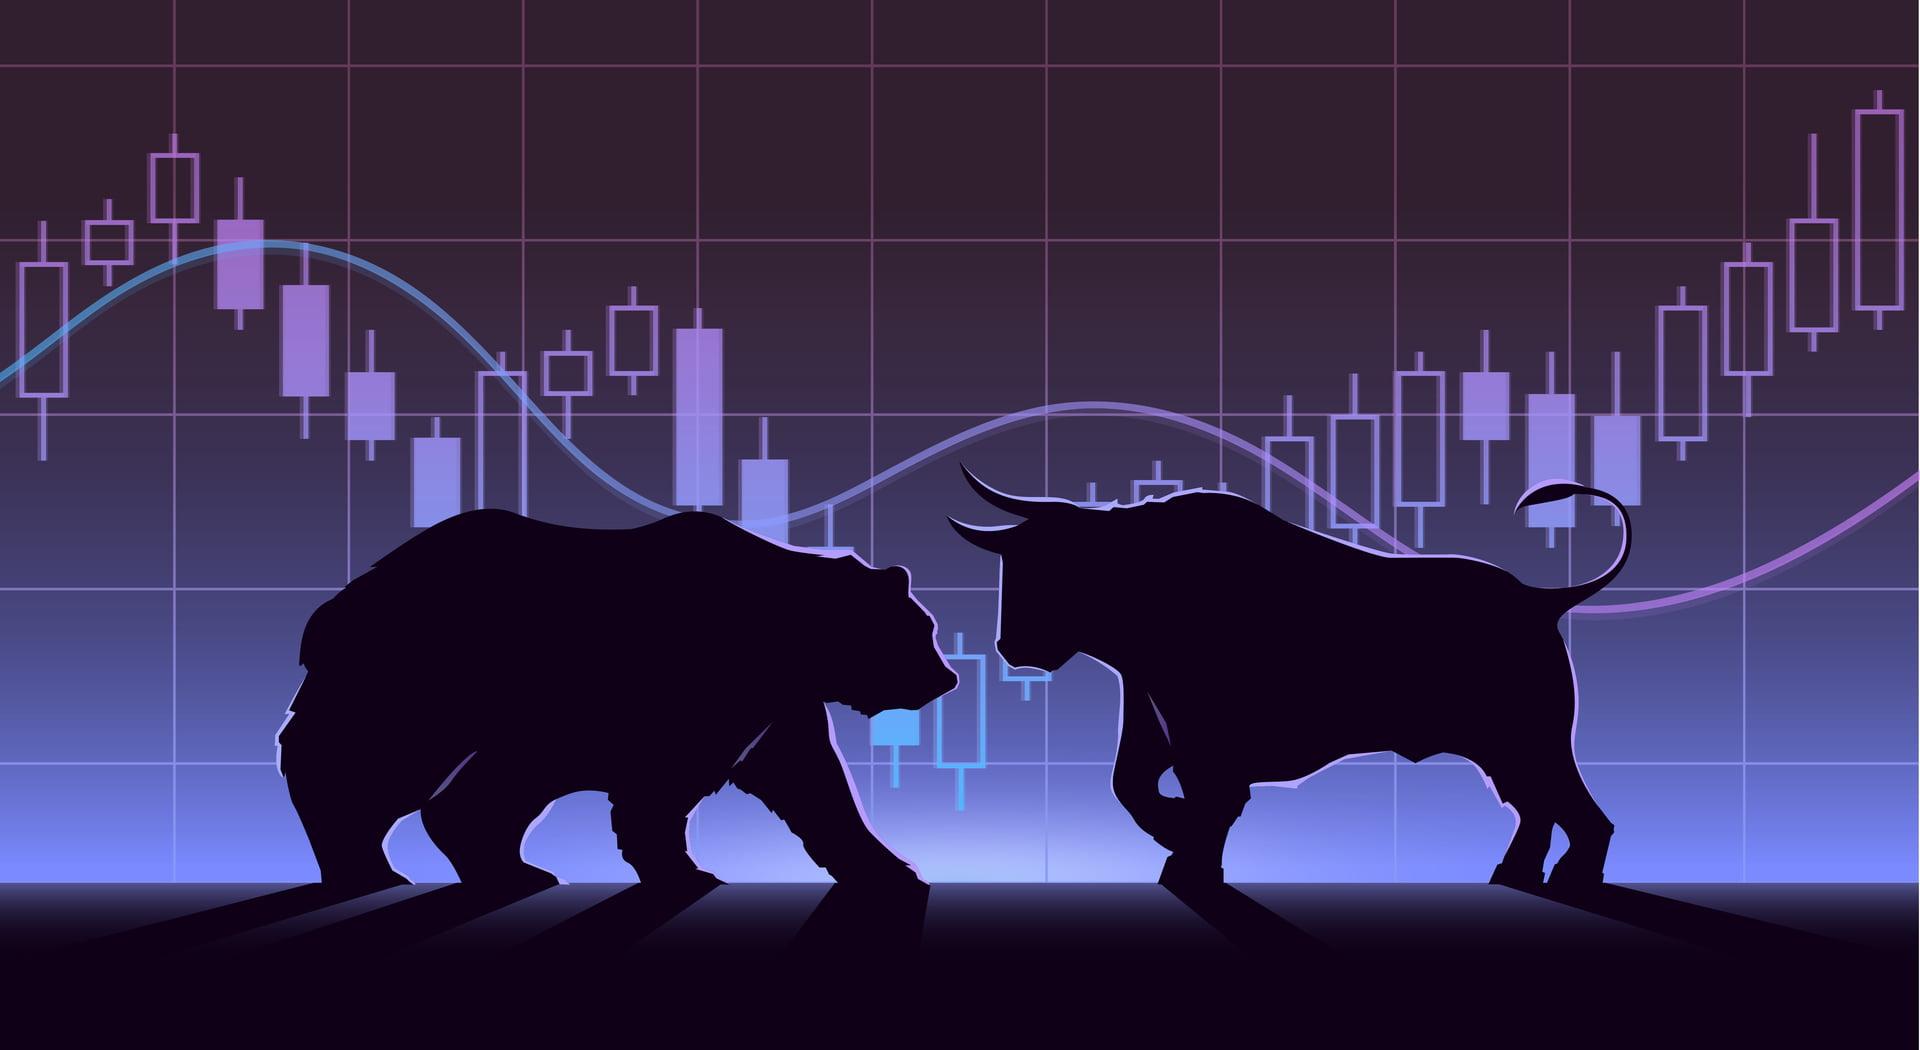 بازار گاوی و خرسی چیست و چه تفاوت هایی دارند؟